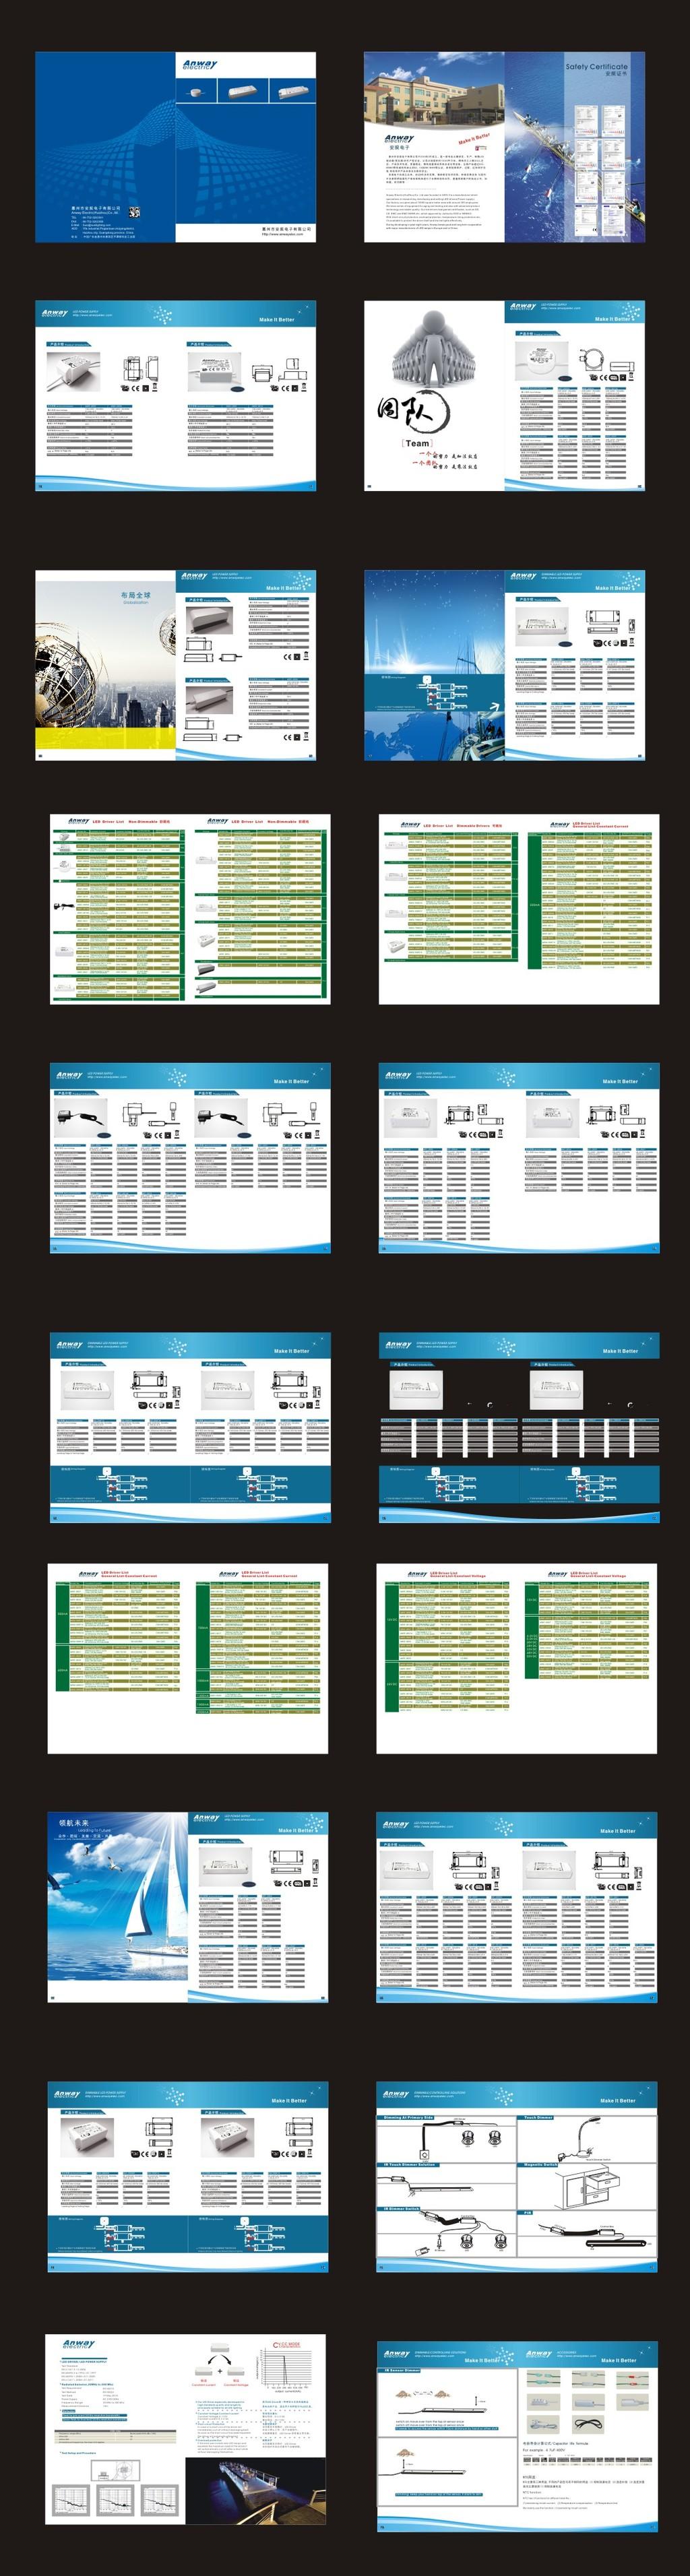 平面设计 画册设计 产品画册(整套) > 电子产品企业目录画册  下一张&